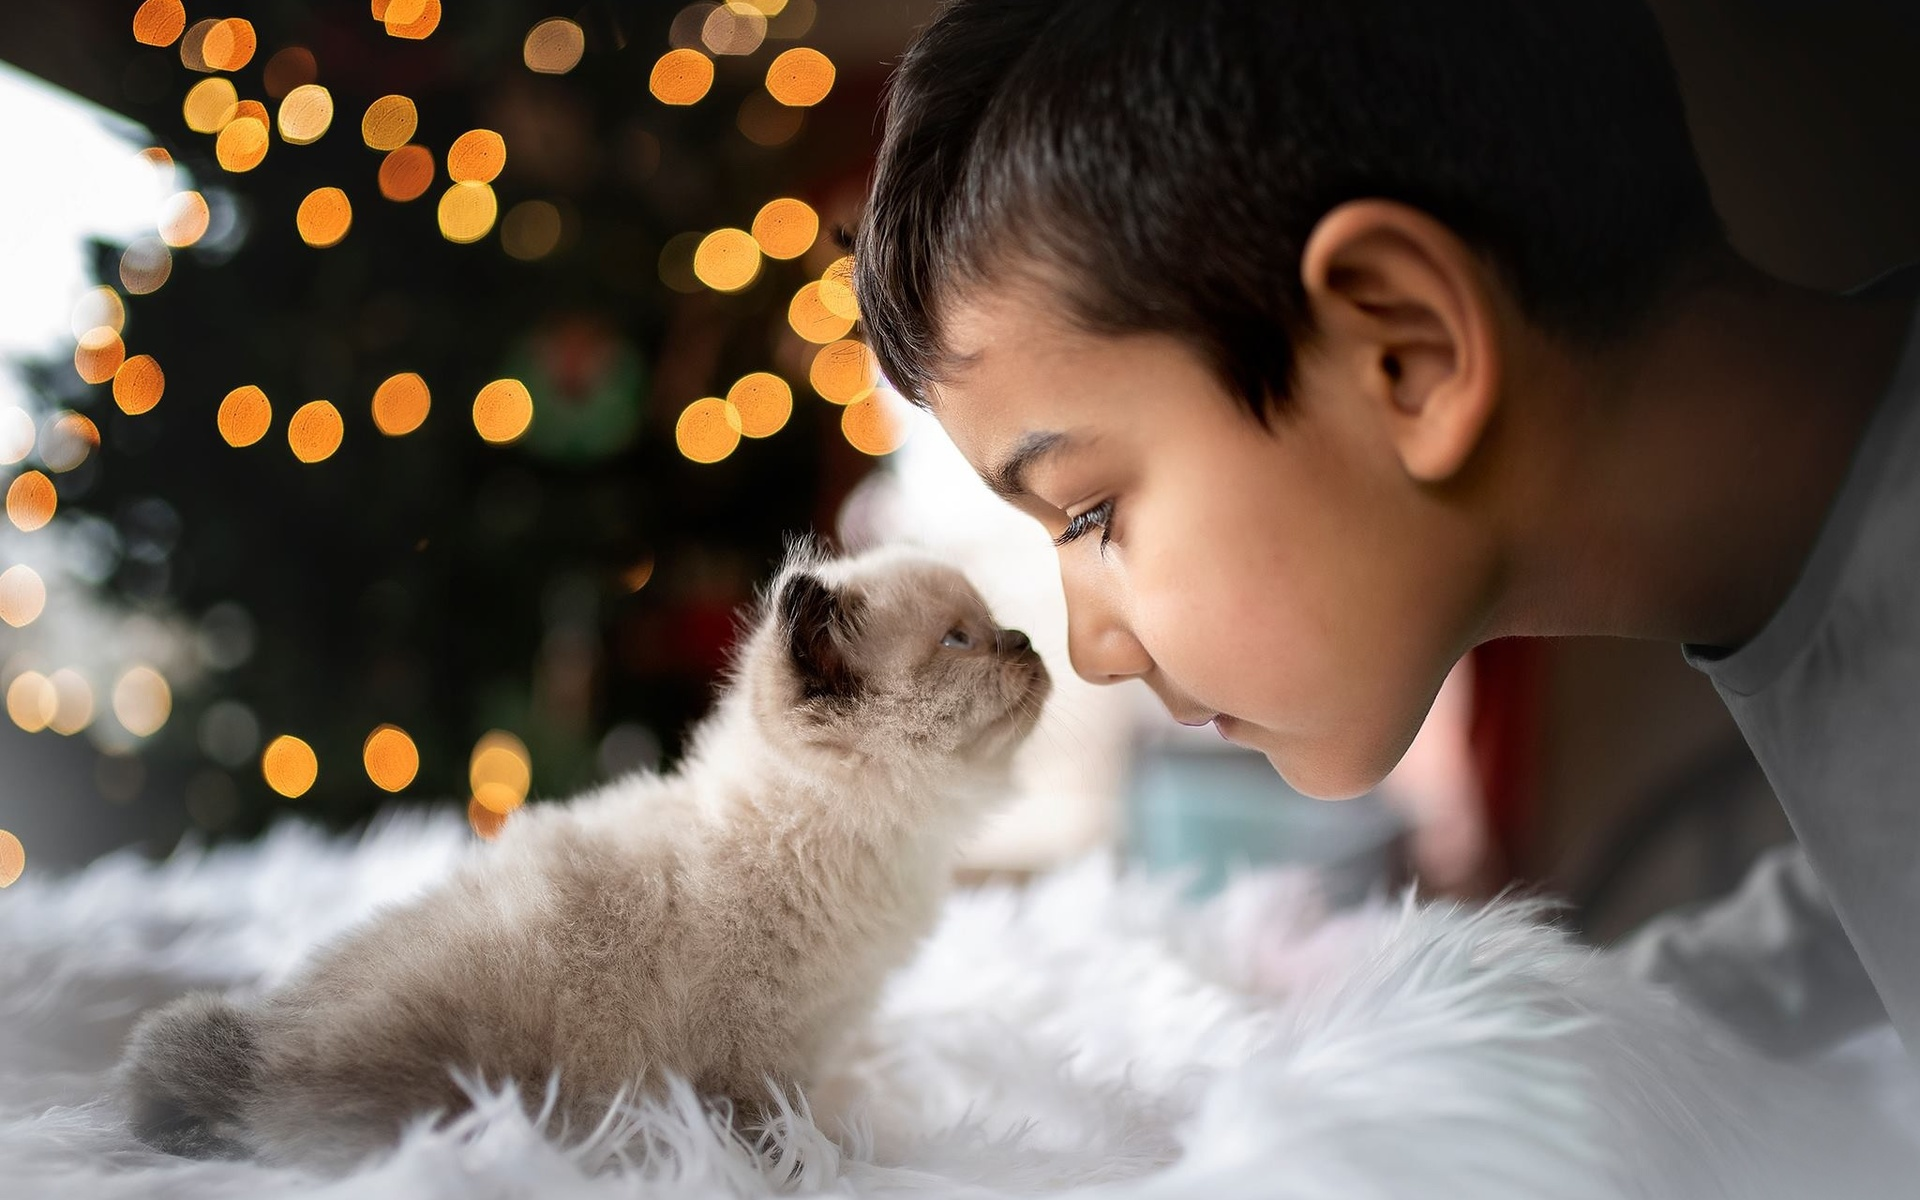 мальчик, котёнок, друзья